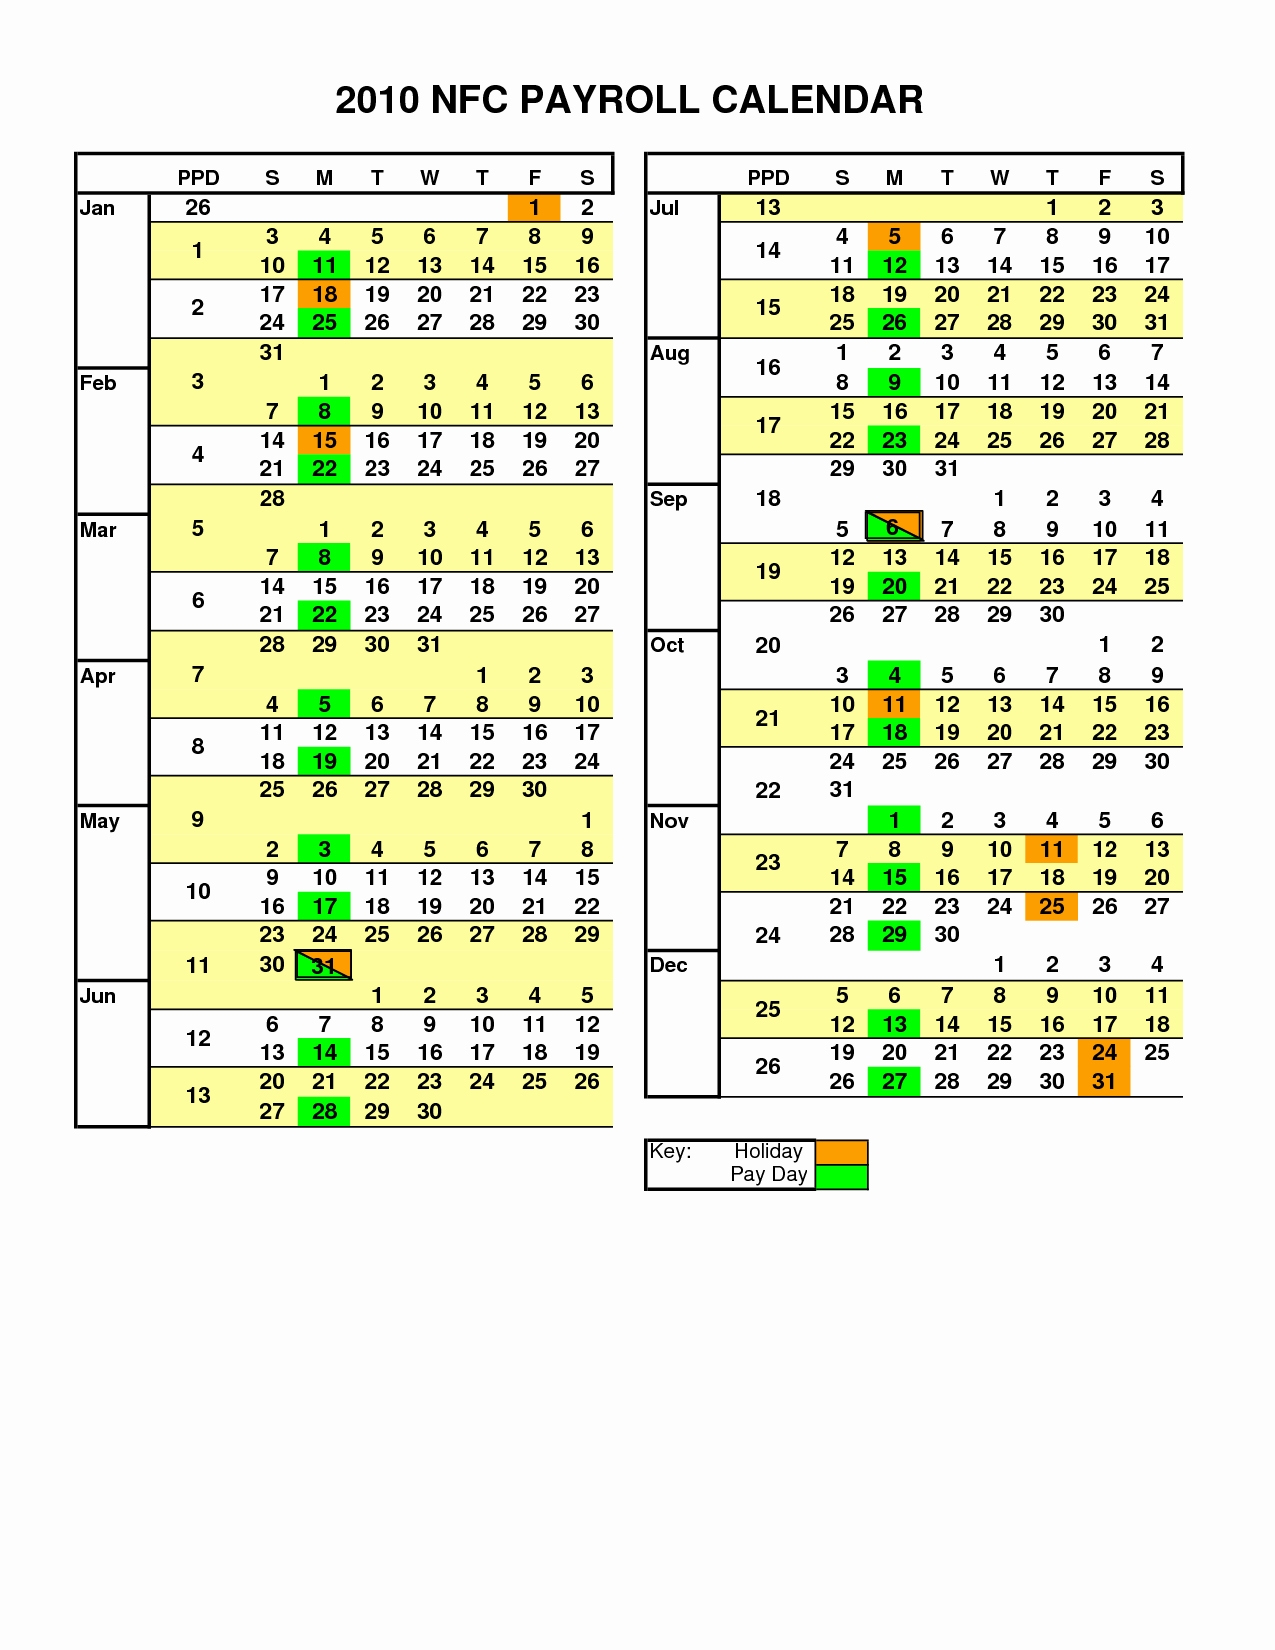 Payroll Calendar Vanderbilt | Payroll Calendar 2020